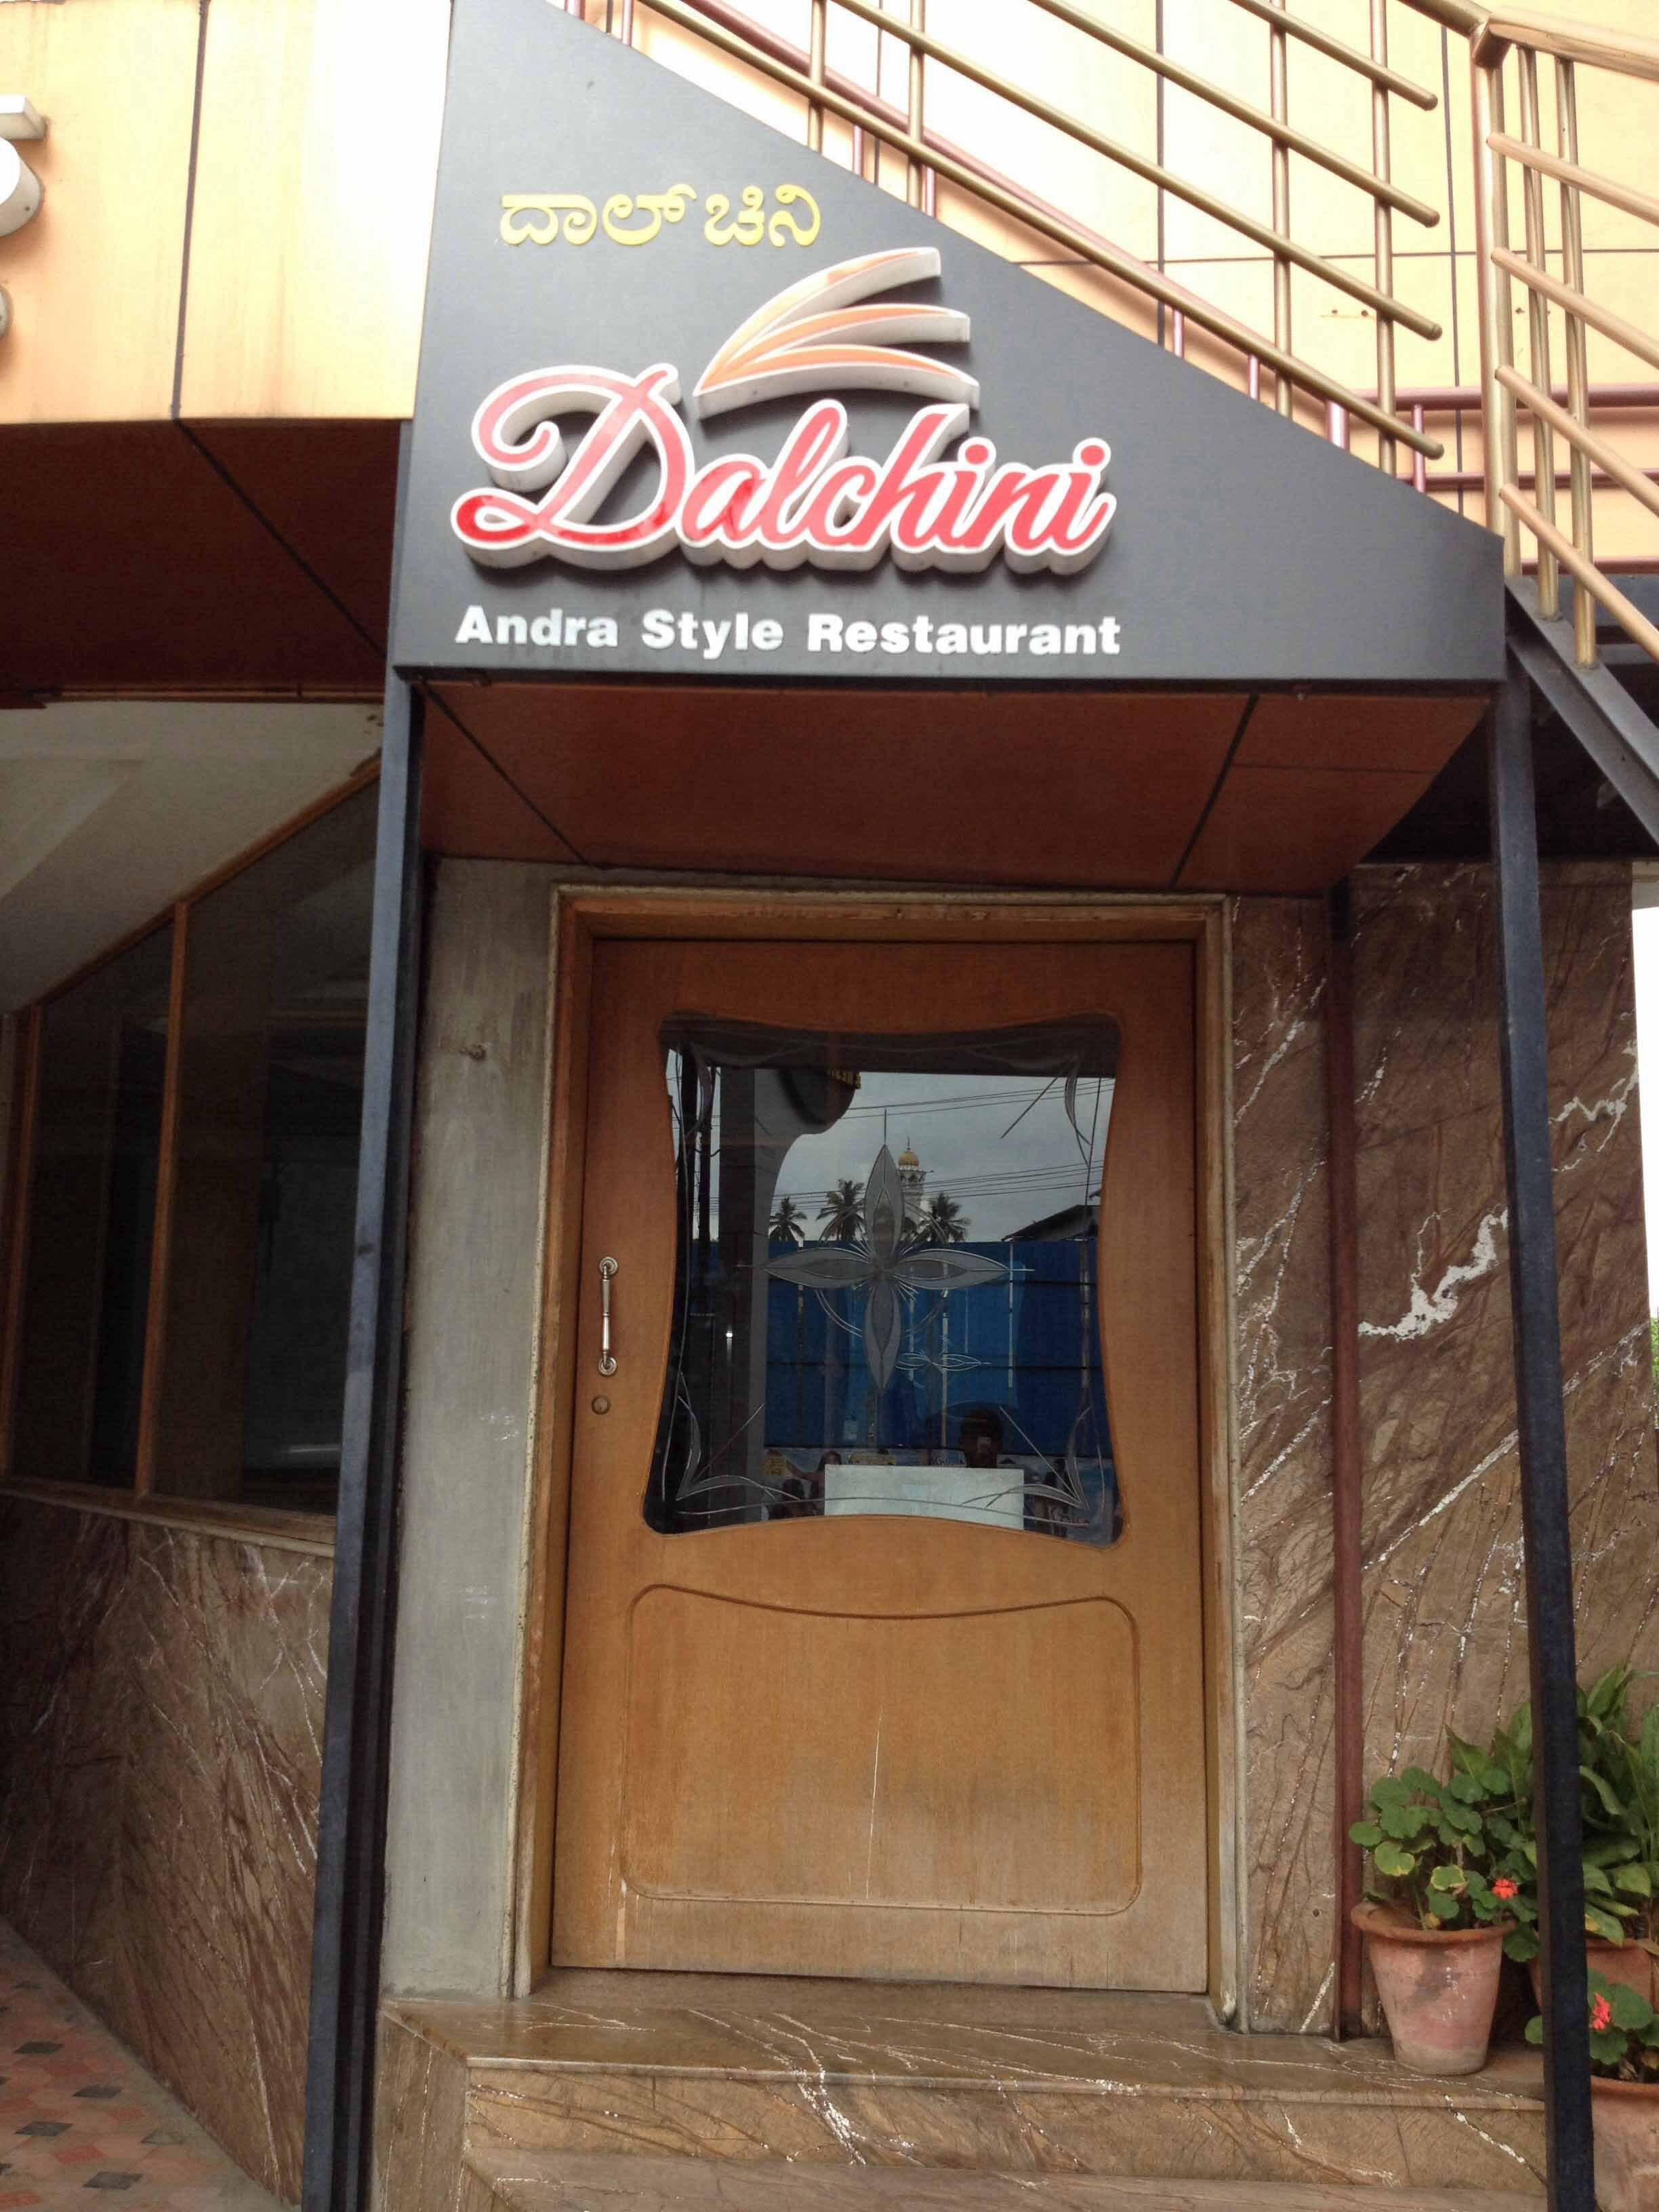 Dalchini Restaurant - Doora - Mysore Image